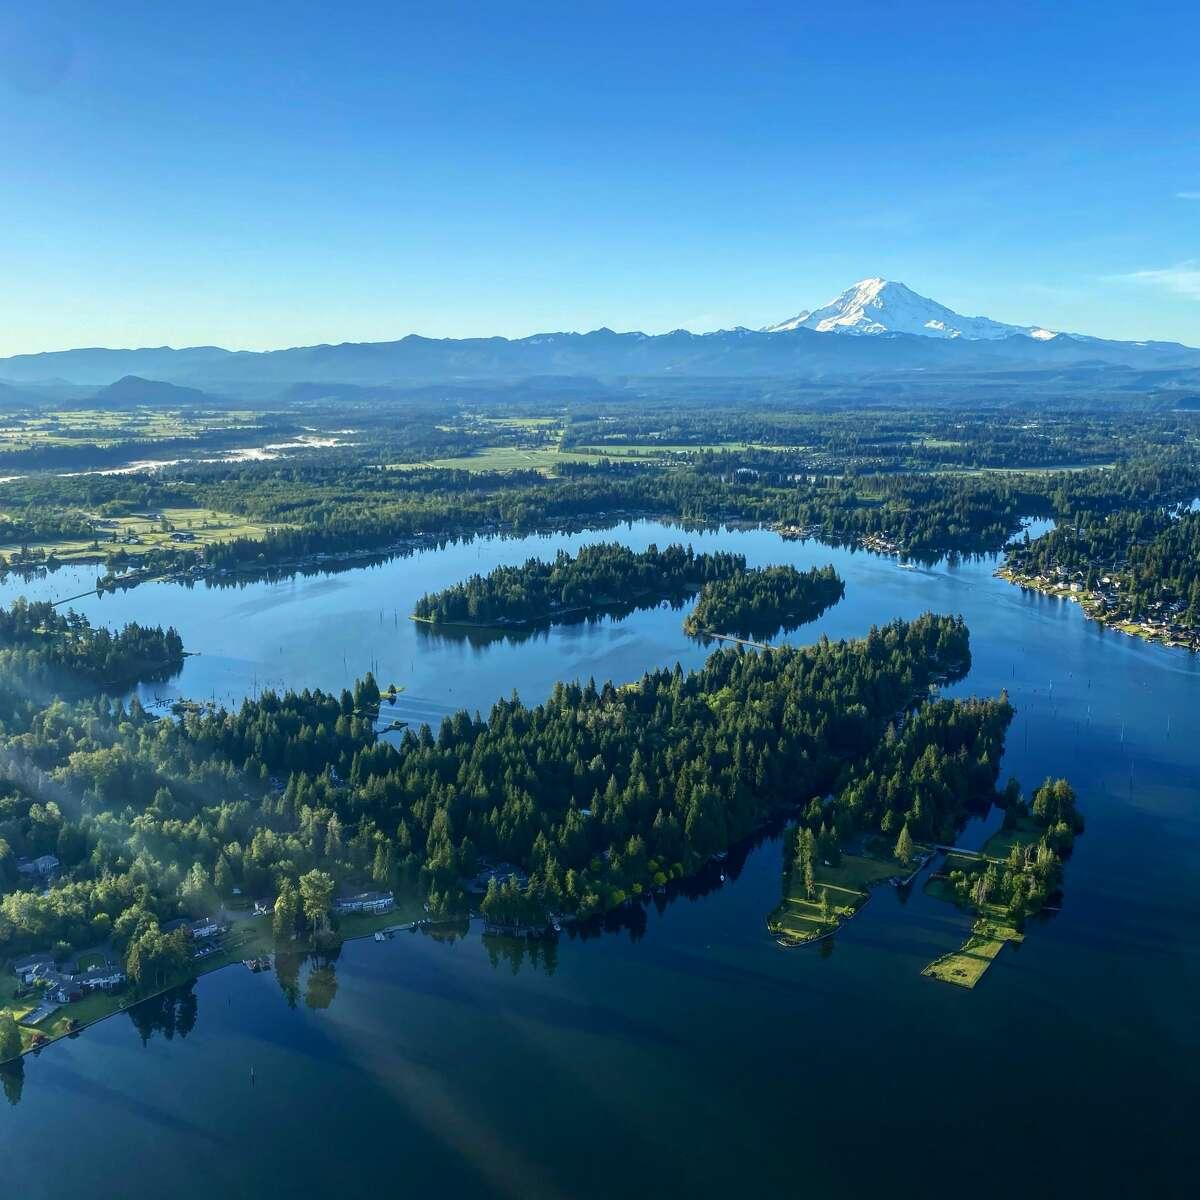 A view from a SeattleBallooning flight looksoverMt. Rainier.